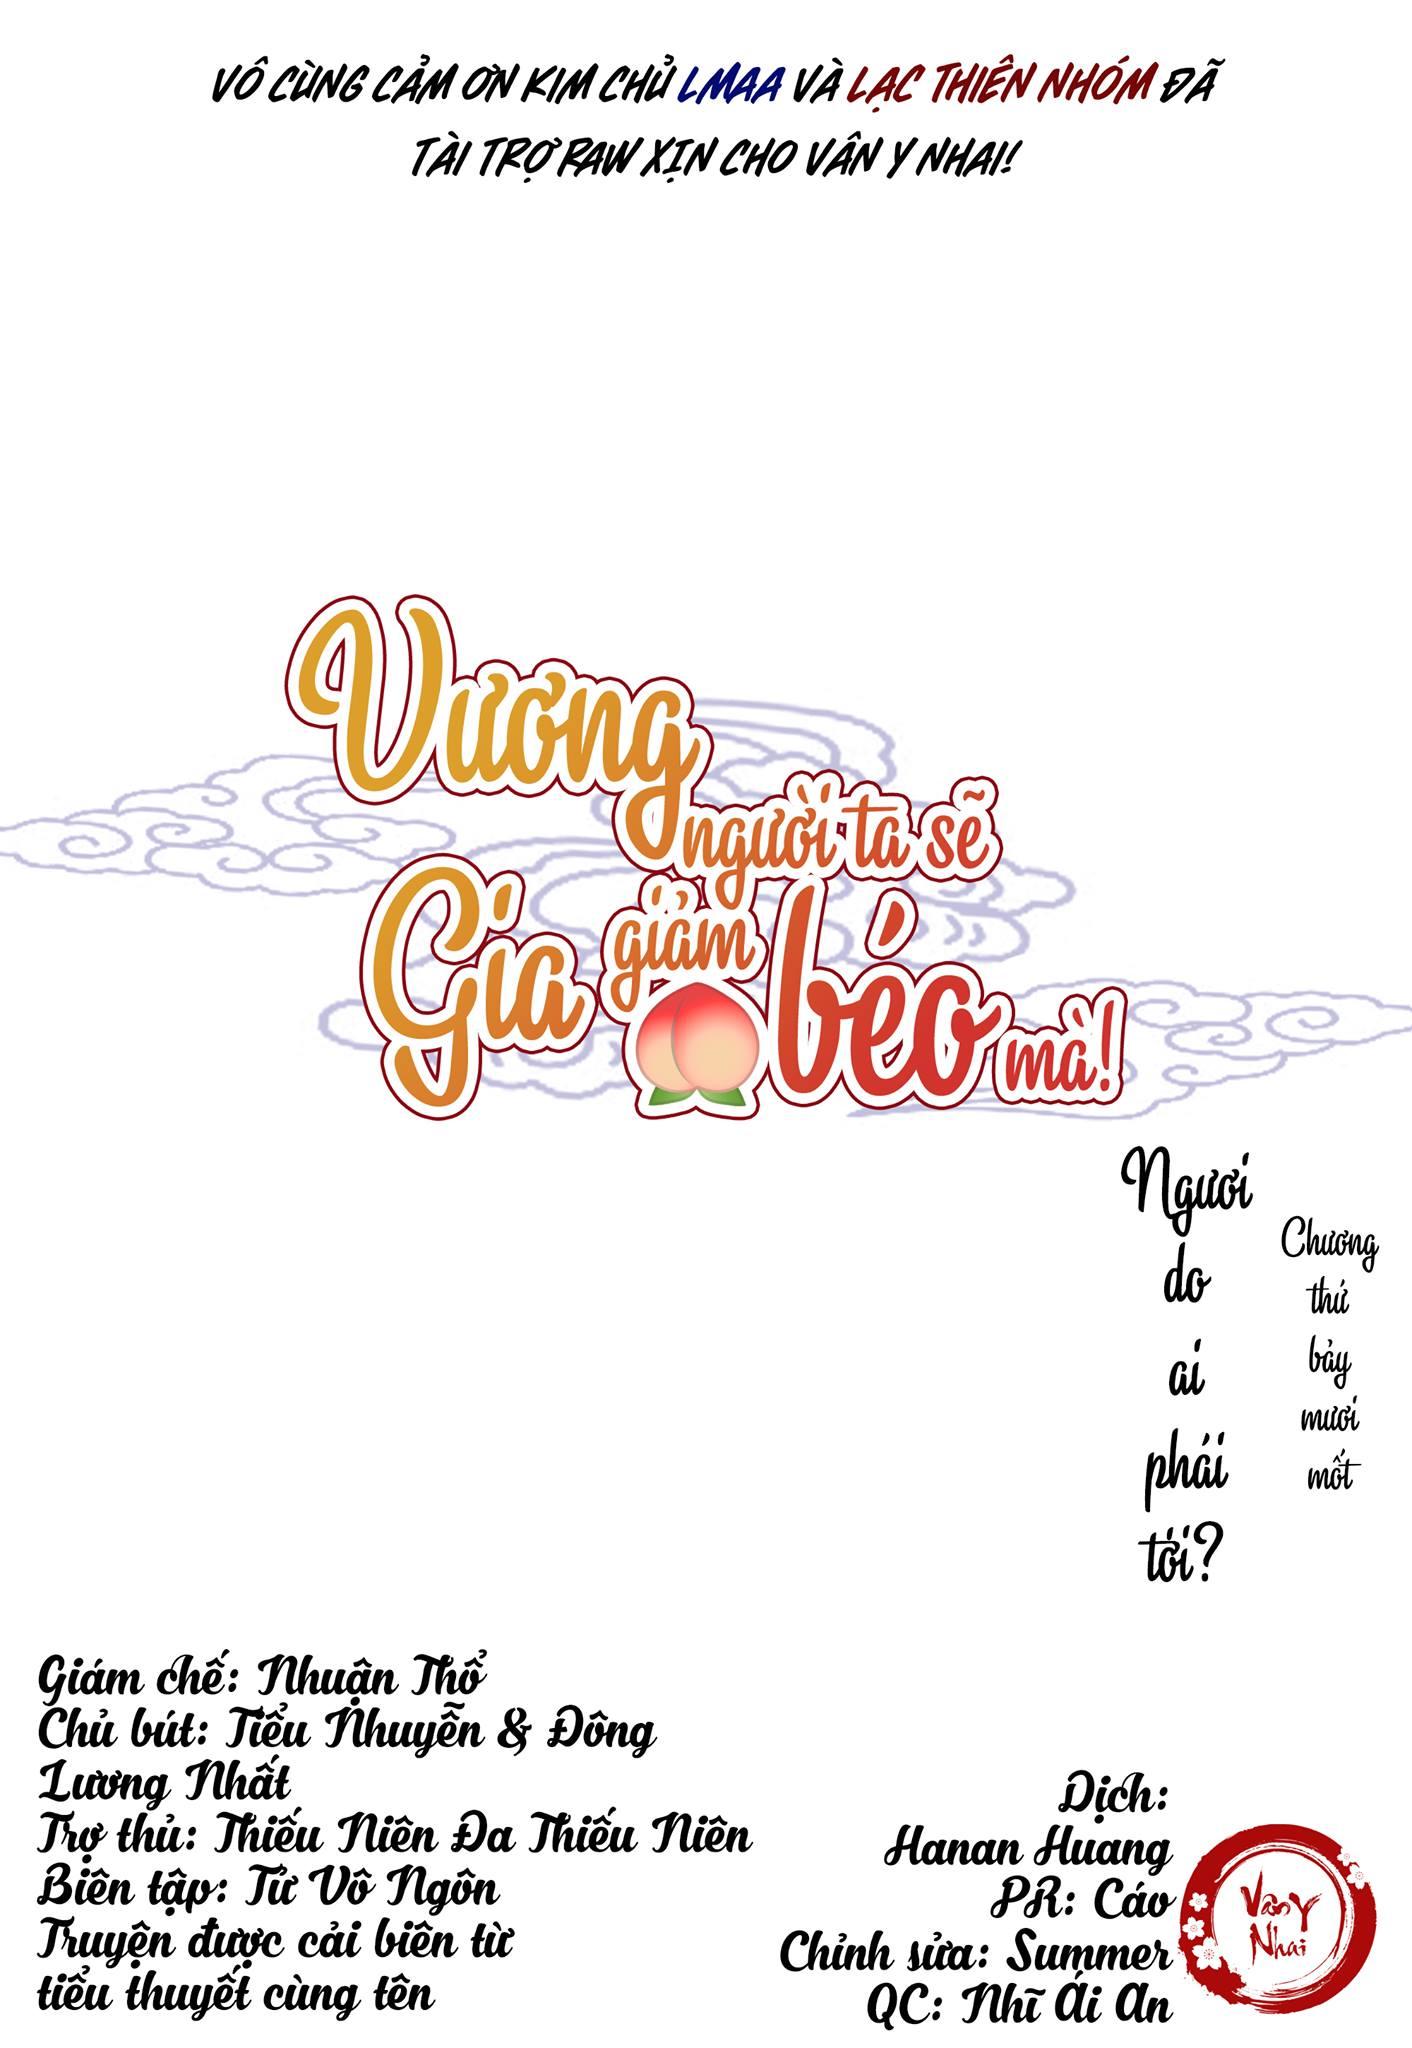 Vương Gia Người Ta Sẽ Giảm Béo Mà!!! chap 71 - Trang 2